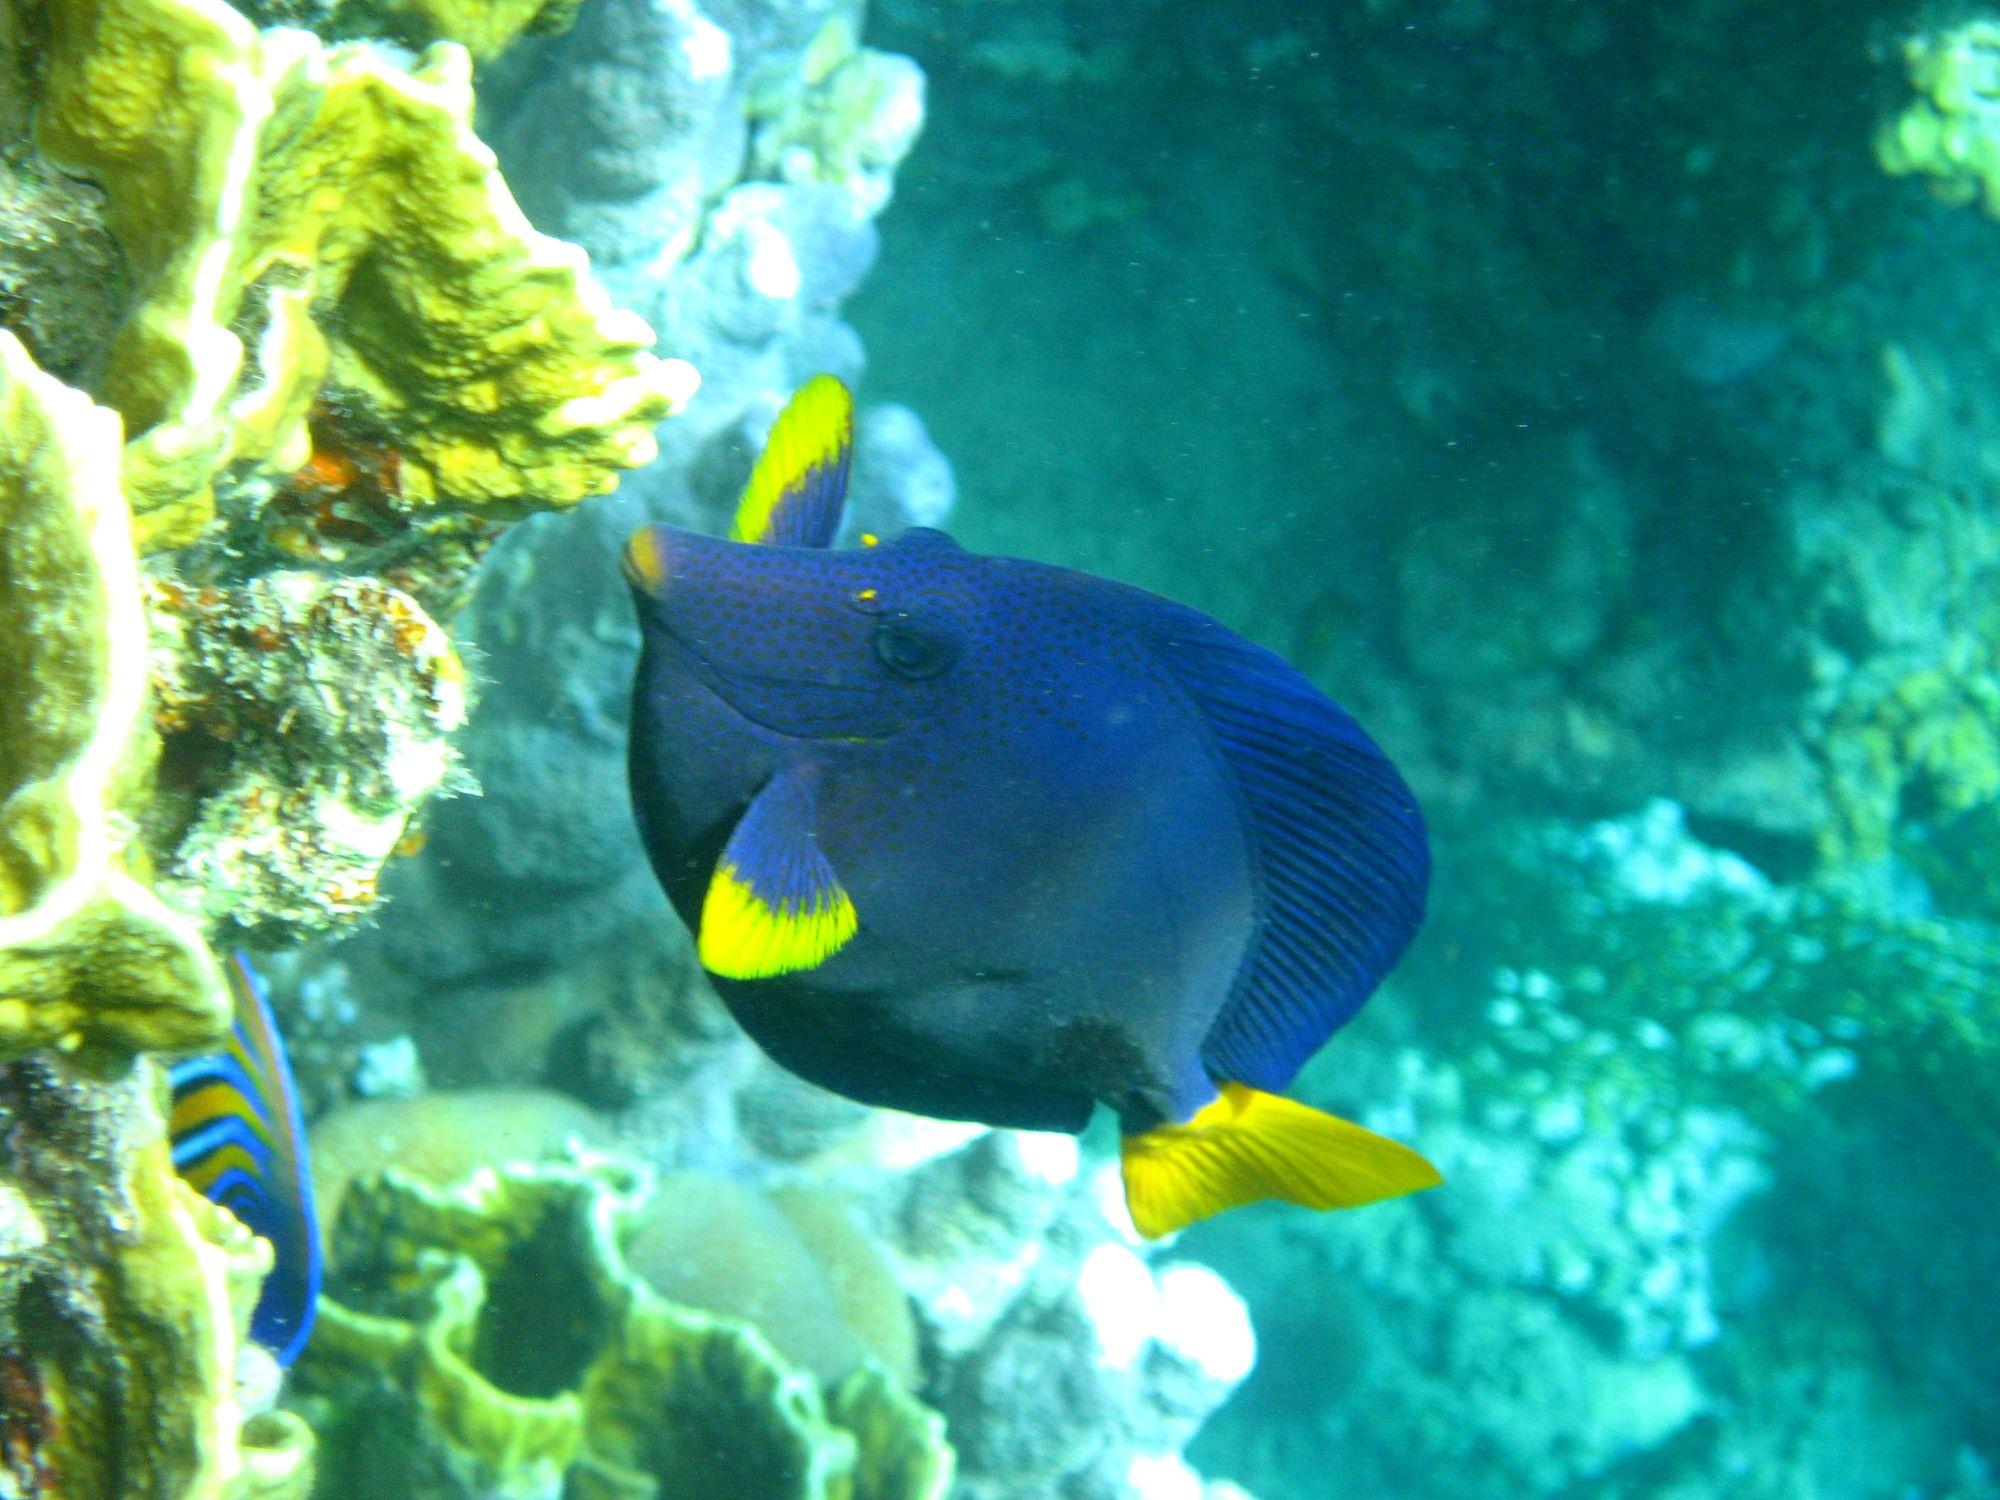 Bild mit Gewässer, Korallen, Fische, Unterwasser, Meer, Fisch, ozean, Korallenriff, doktorfisch